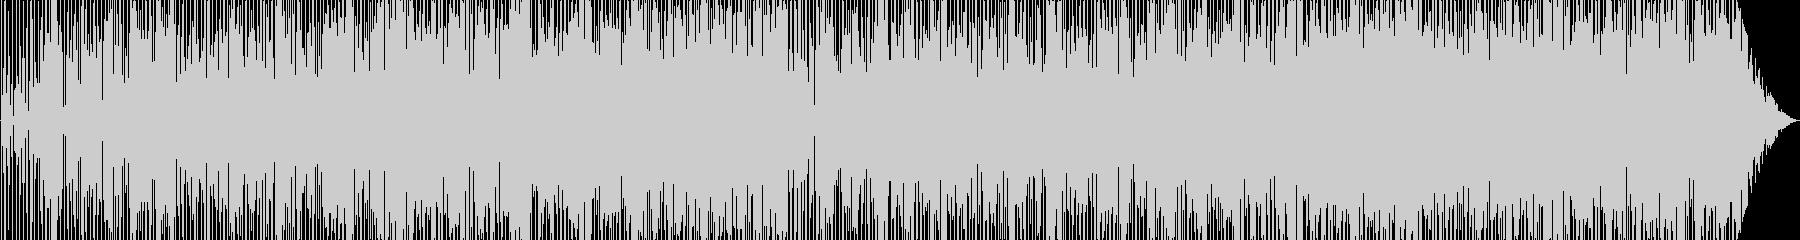 ヒップホップ風のスムースジャズの未再生の波形